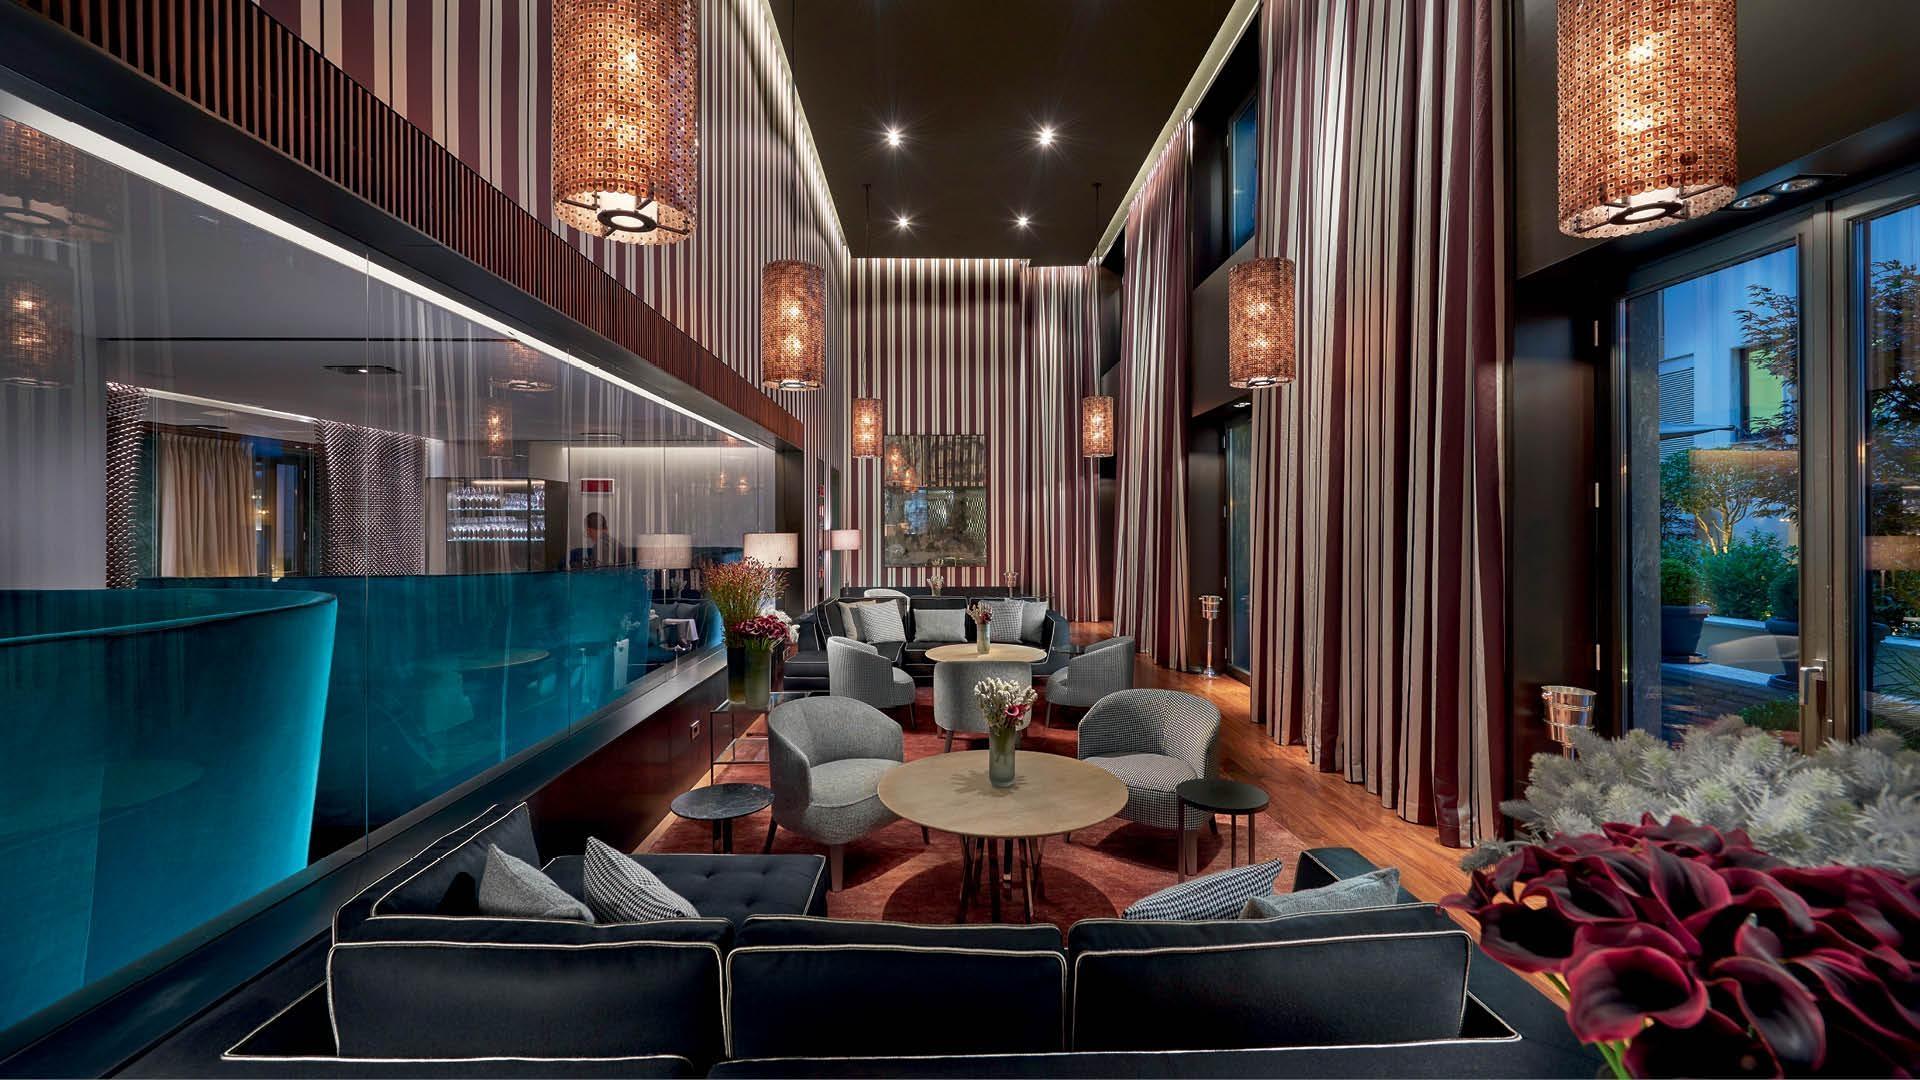 Mandarin Oriental Milan and New York: An Asian Fixation